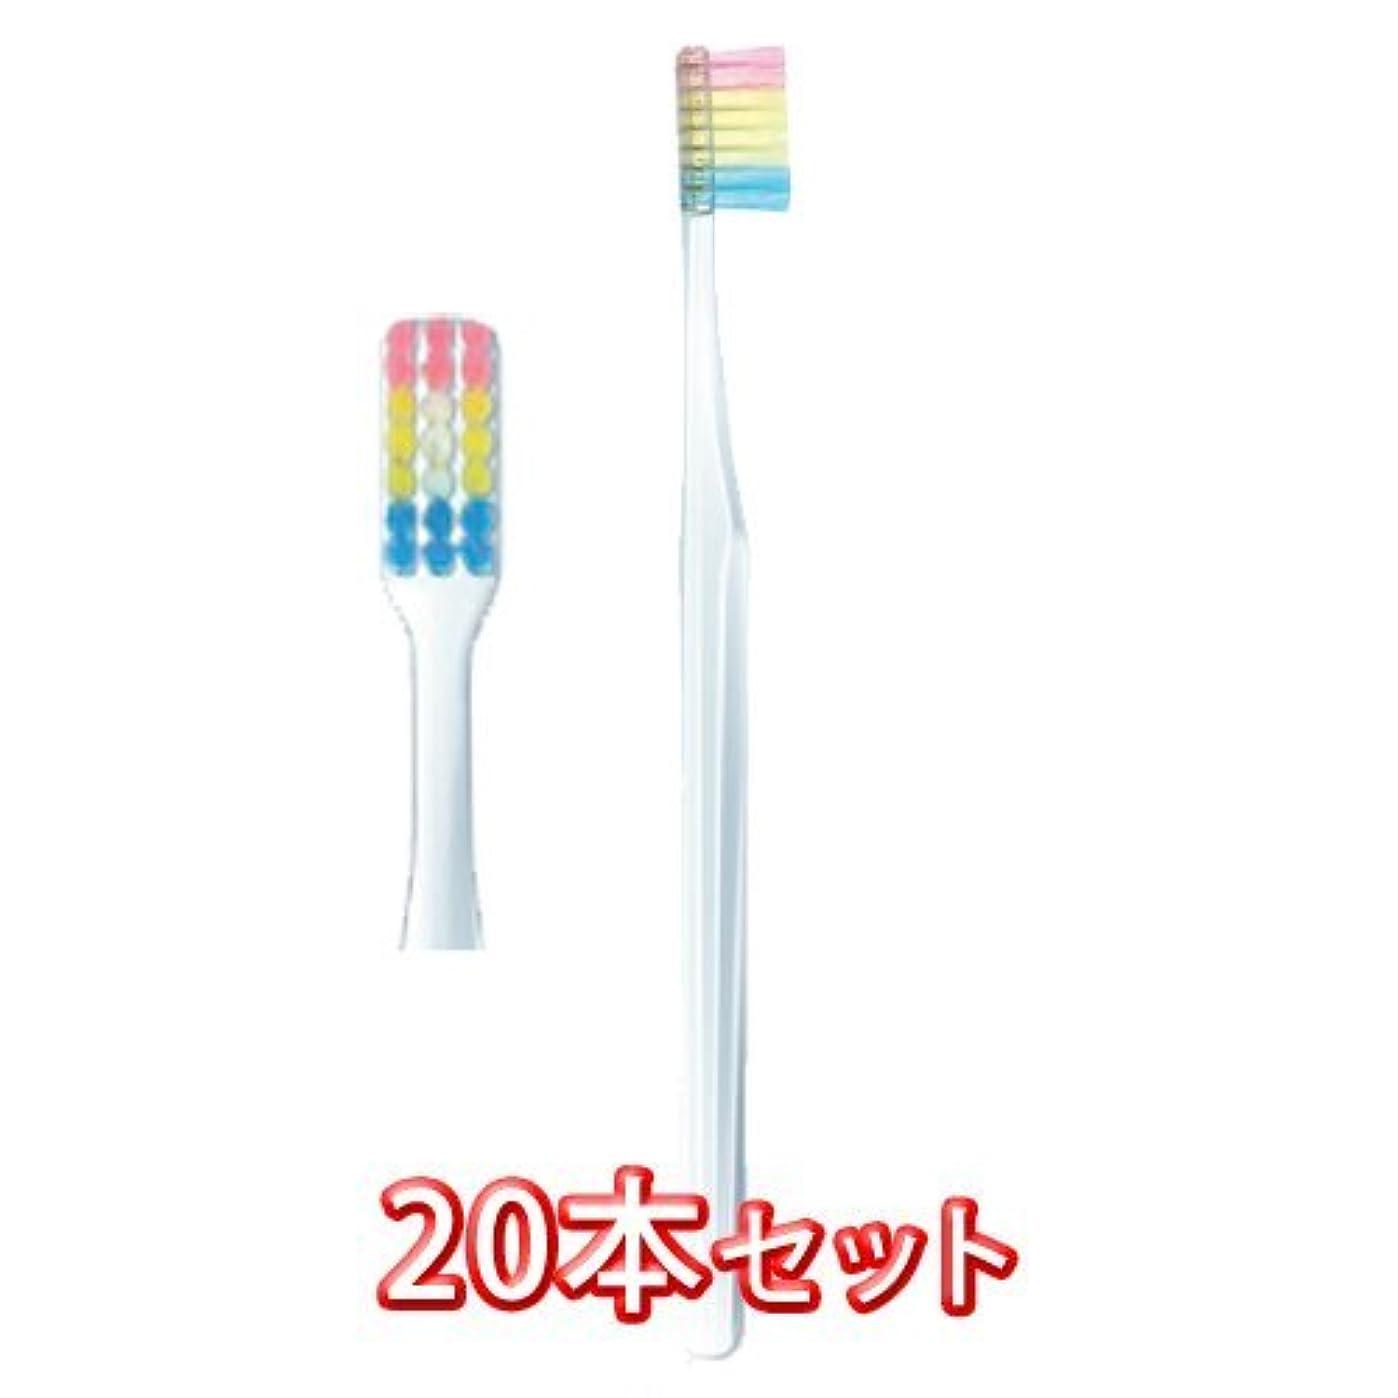 机割れ目のどプロスペック 歯ブラシ ヤング 20本入 フォーレッスン 毛の硬さふつう